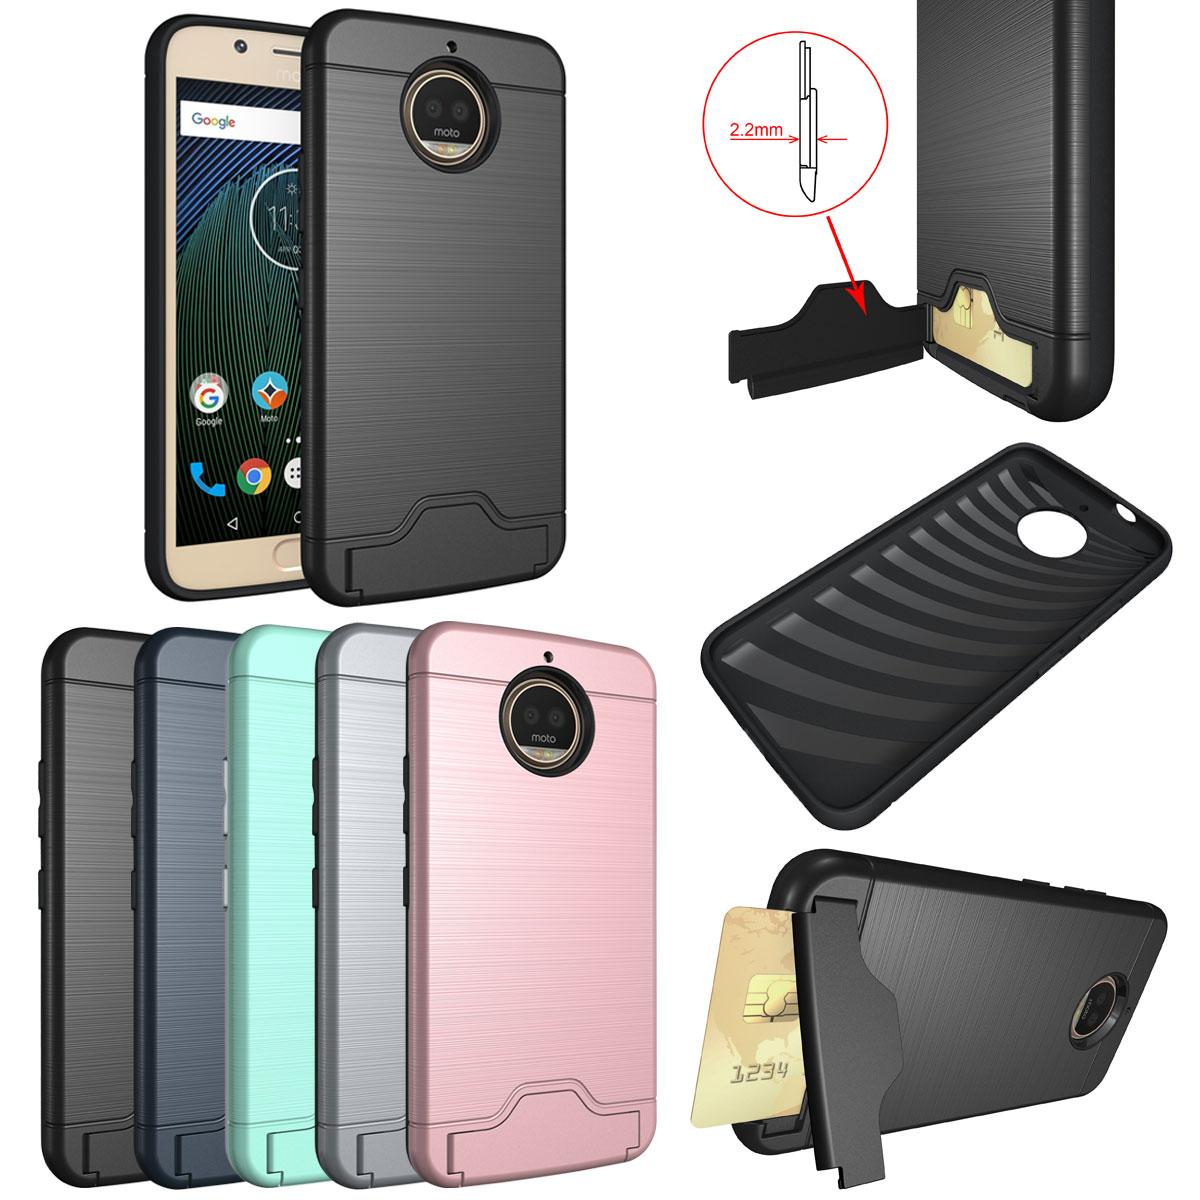 huge selection of 1185e 4d1ba Details about For Motorola Moto G4 / G4 G5s Plus Credit Card Holder Hybrid  Rugged Wallet Case